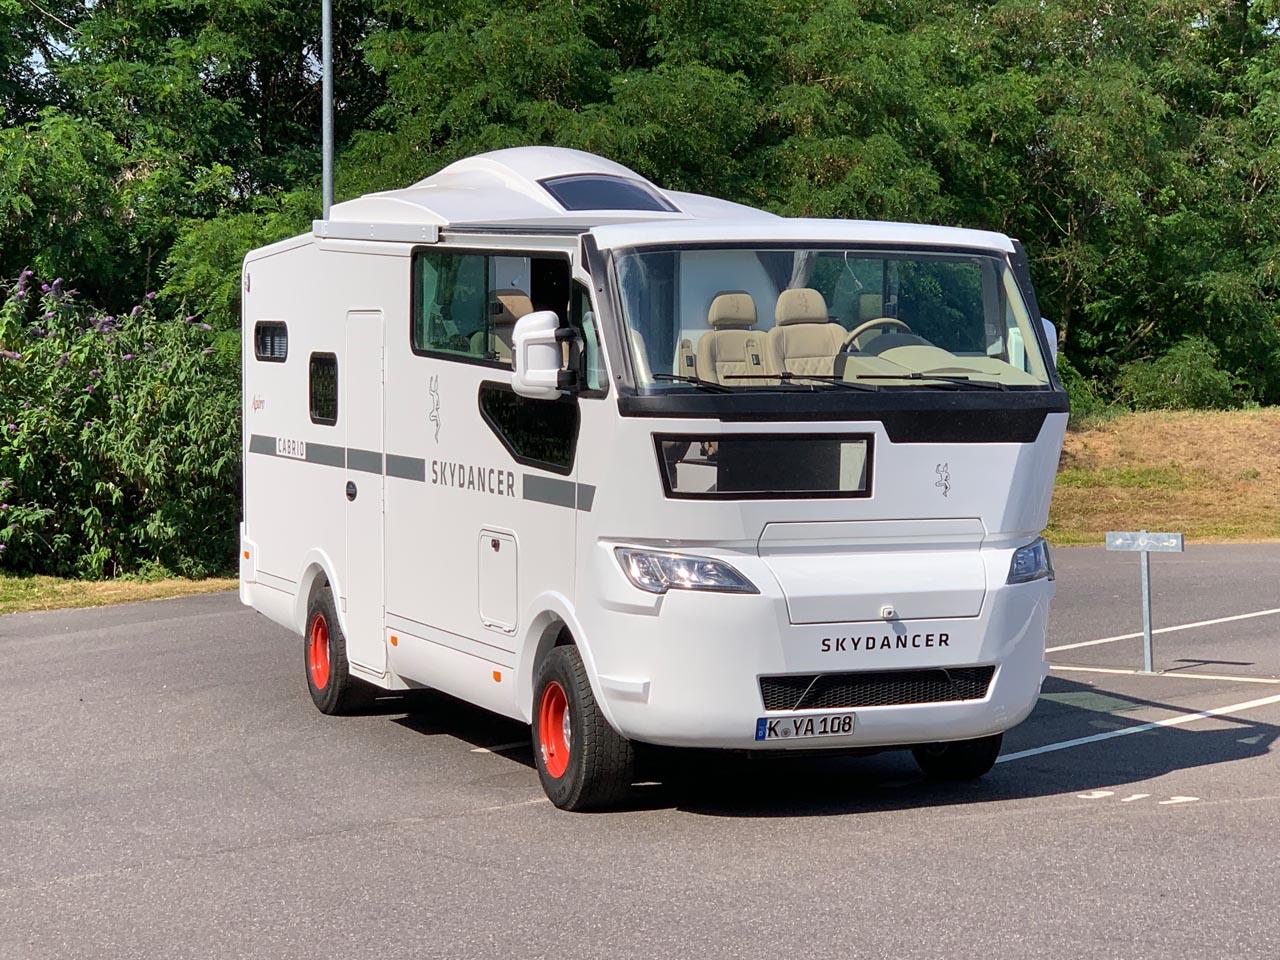 Cruisen und Campen ohne Verdeck – das Skydancer Apéro Cabrio-Wohnmobil